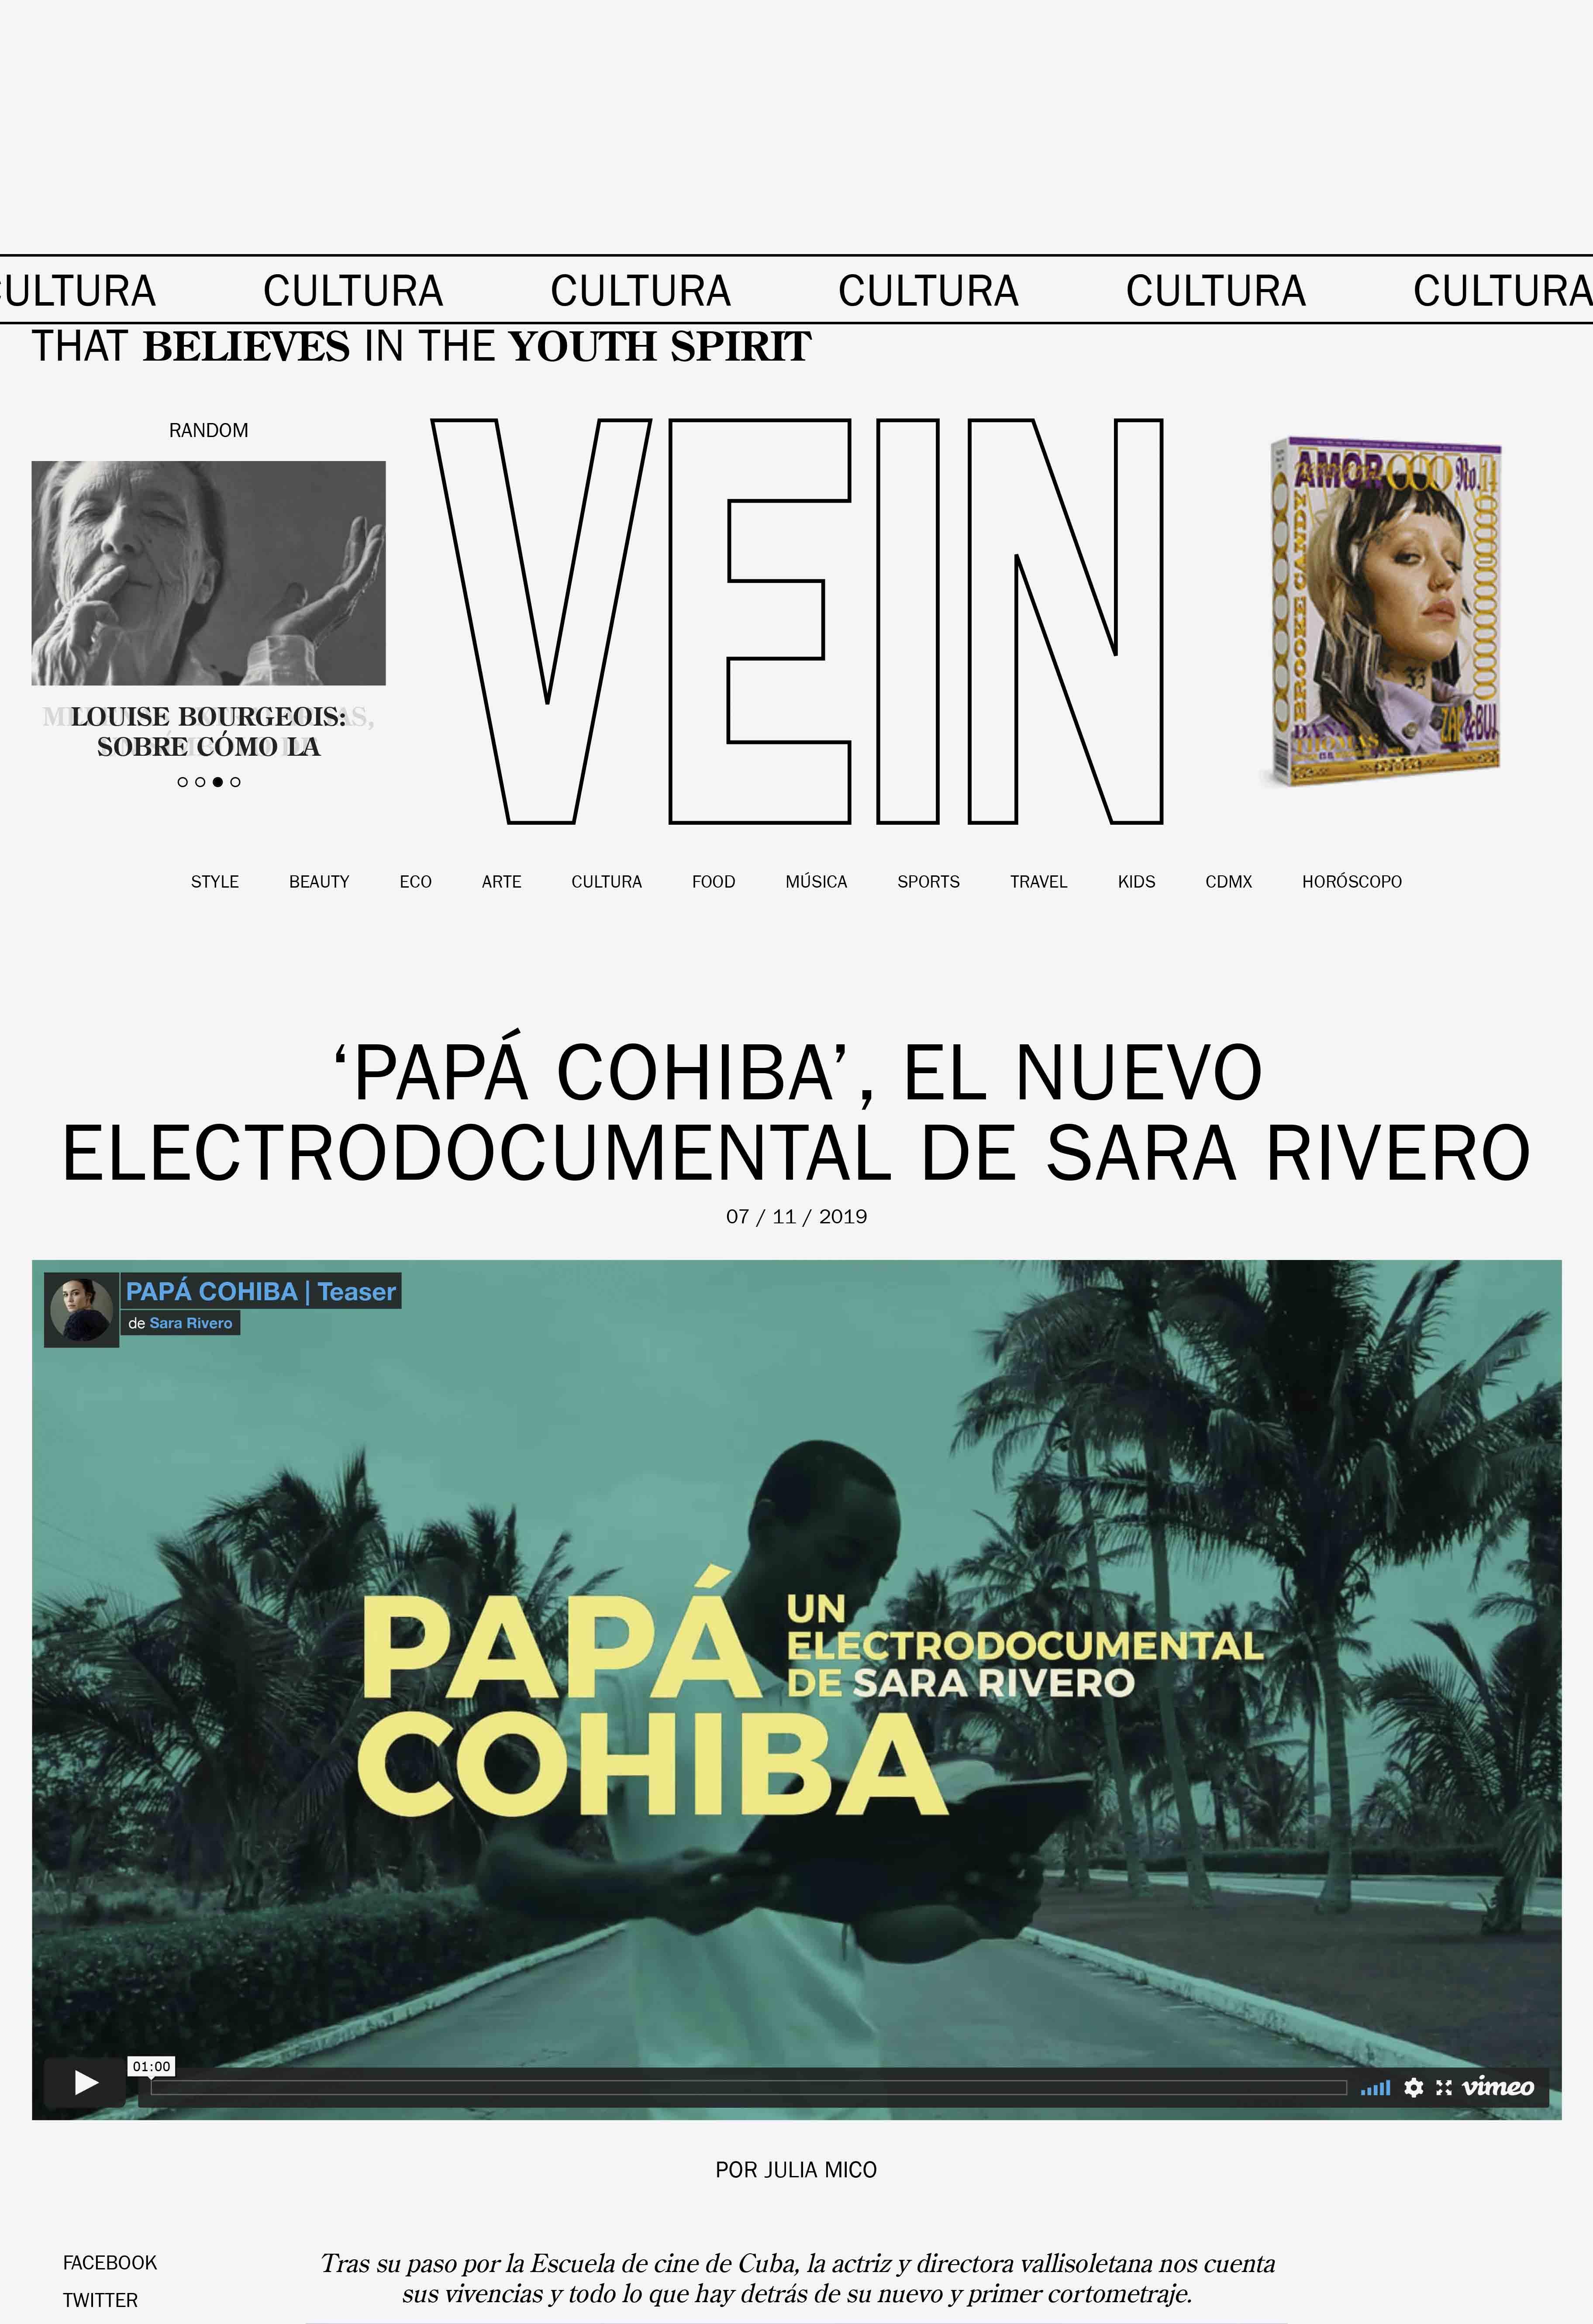 Papá Cohiba, el nuevo eléctrodocumental de Sara Rivero